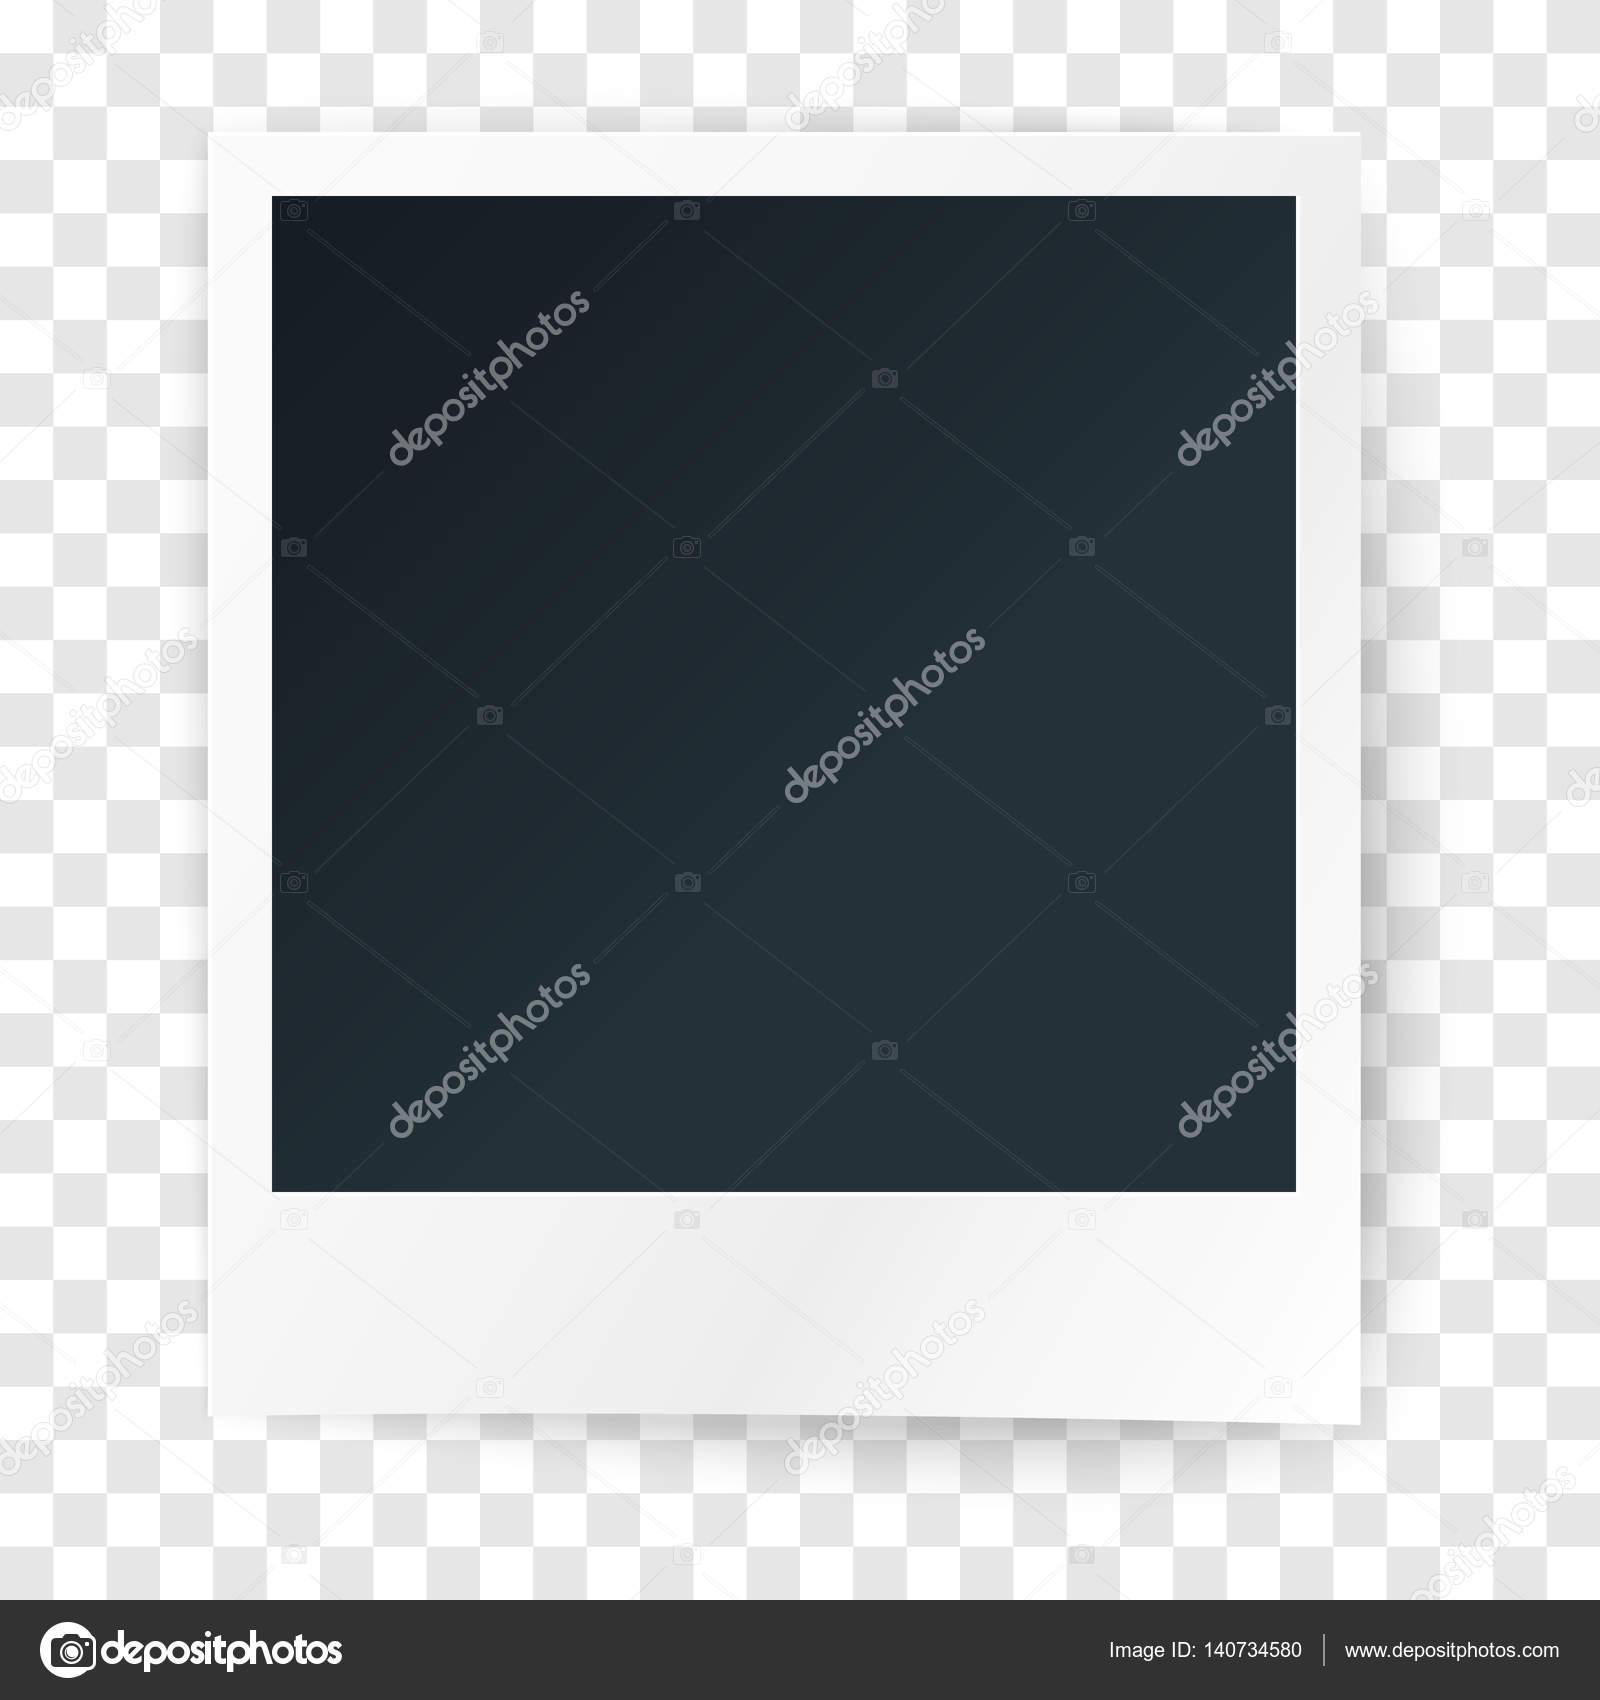 Papier-Rahmen für Foto auf transparenten Hintergrund, Vektor ...